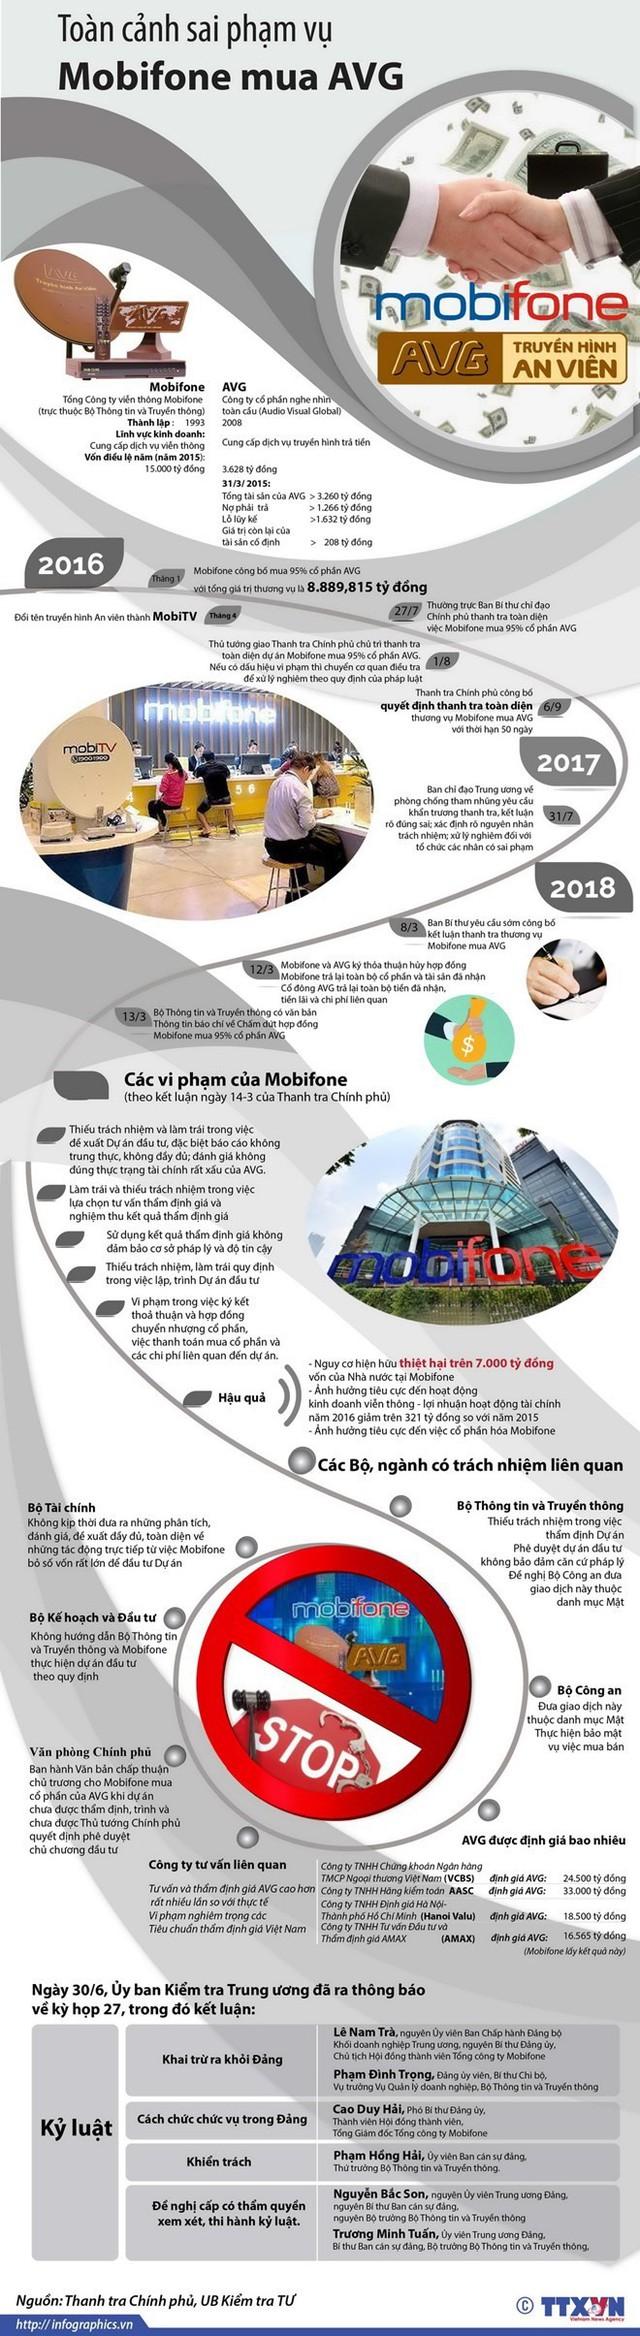 10 sự kiện công nghệ thông tin, viễn thông đáng chú ý nhất năm 2018 - Ảnh 7.